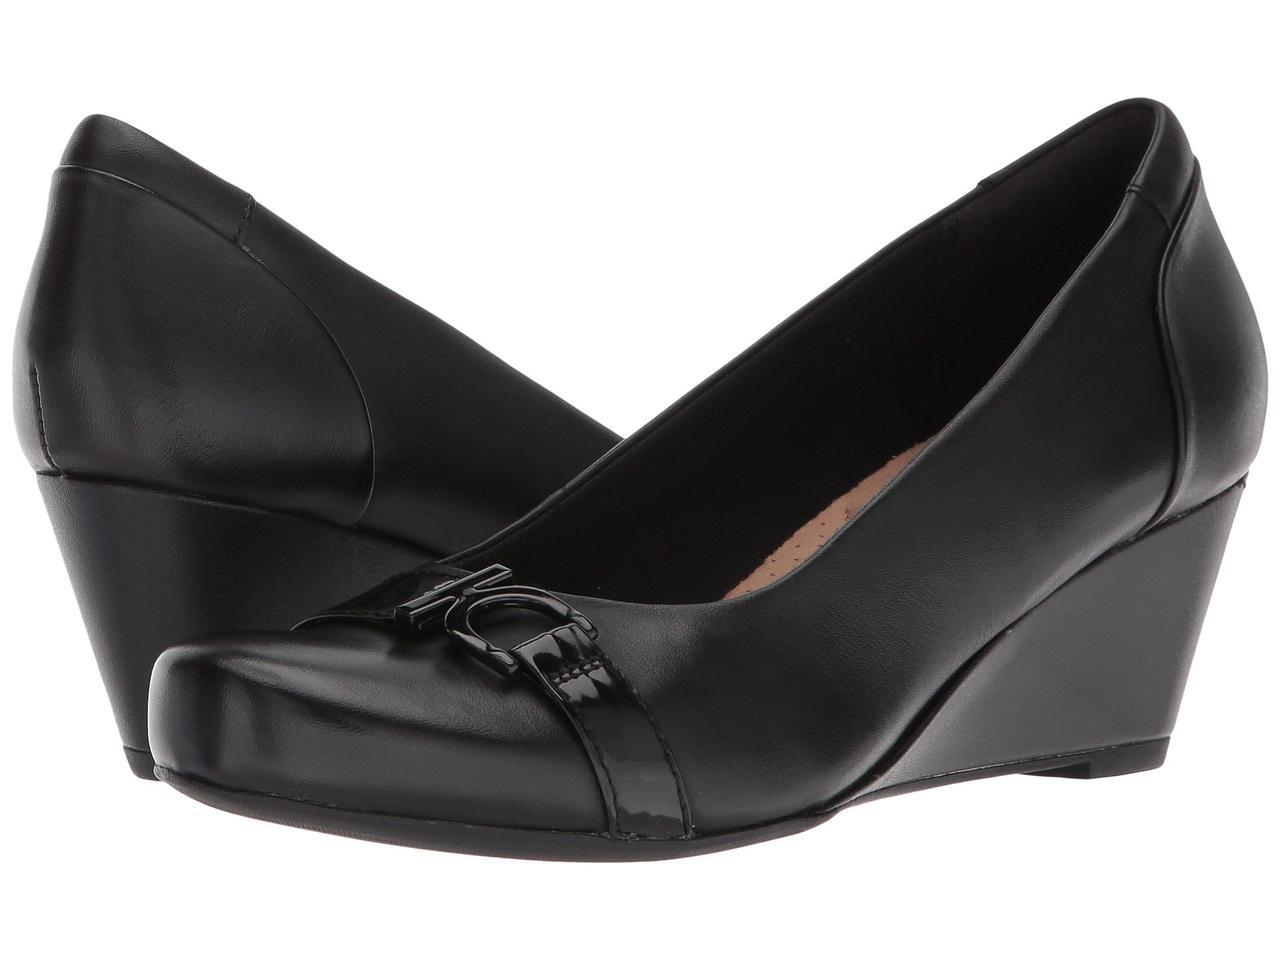 Туфли на каблуке (Оригинал) Clarks Flores Poppy Black Leather